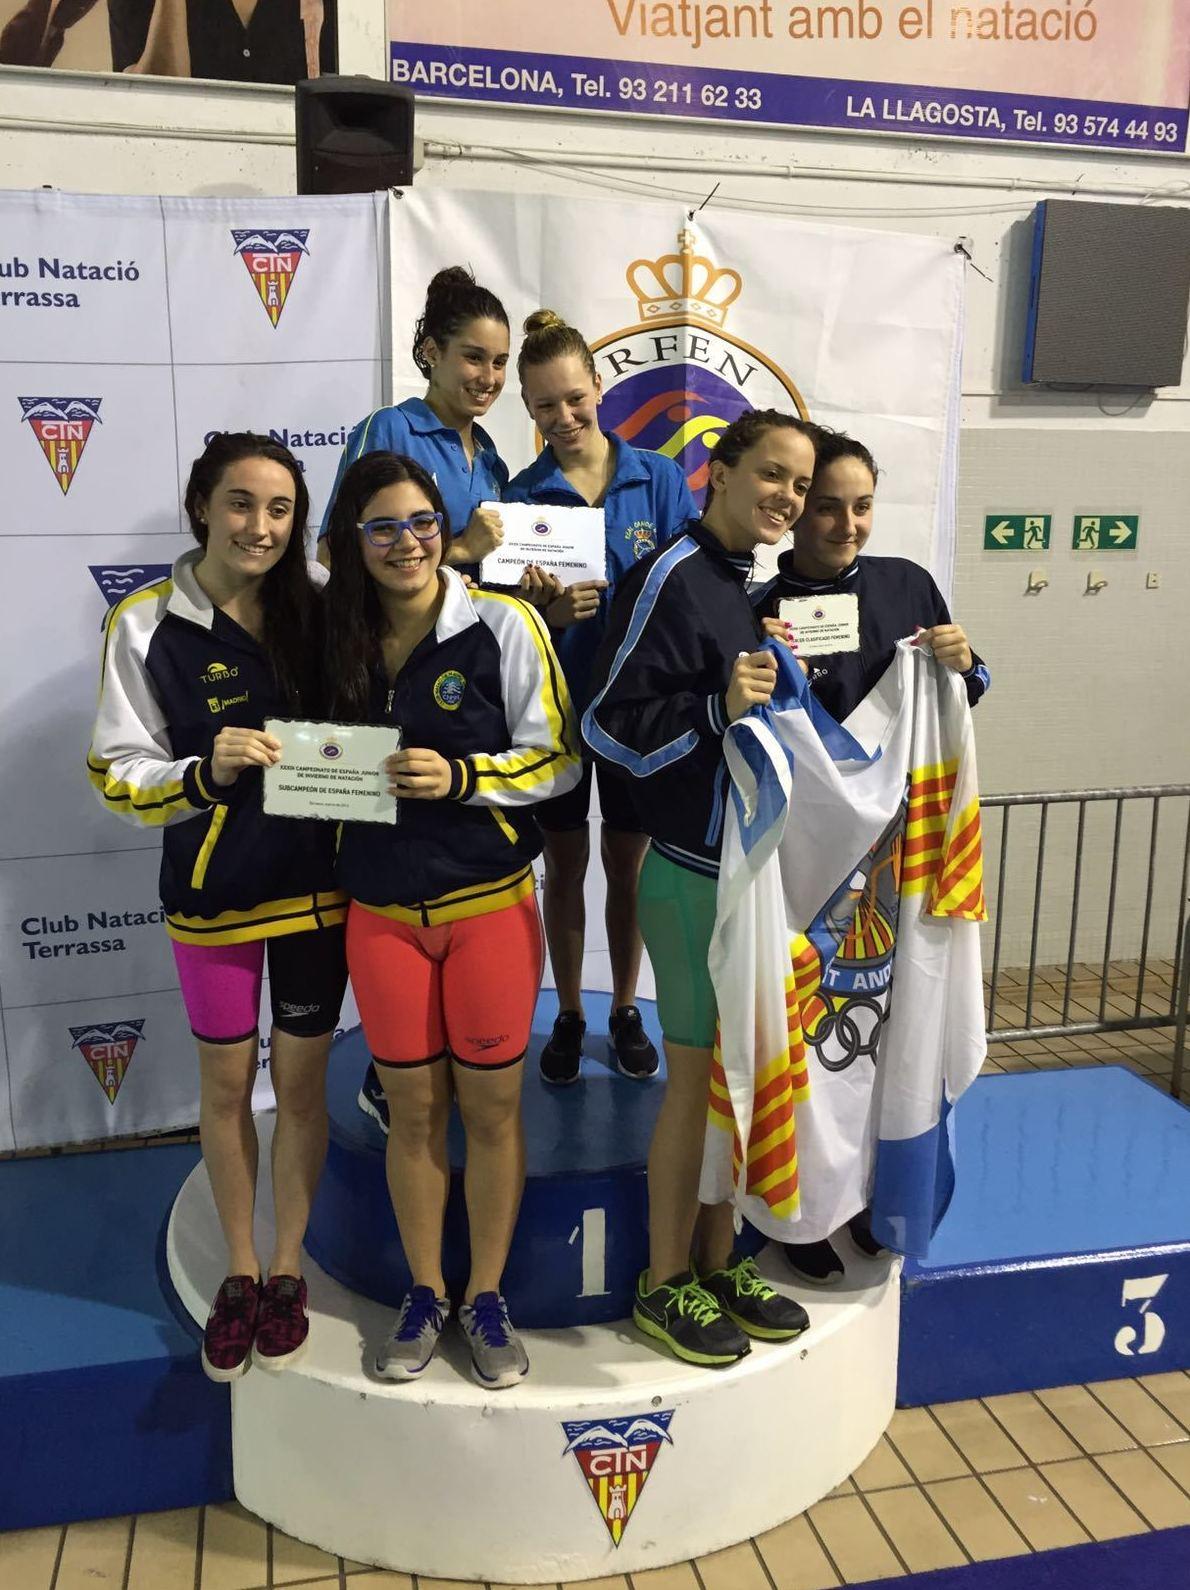 El equipo junior femenino, subcampeón en el Campeonato de España Junior e Infantil de Invierno